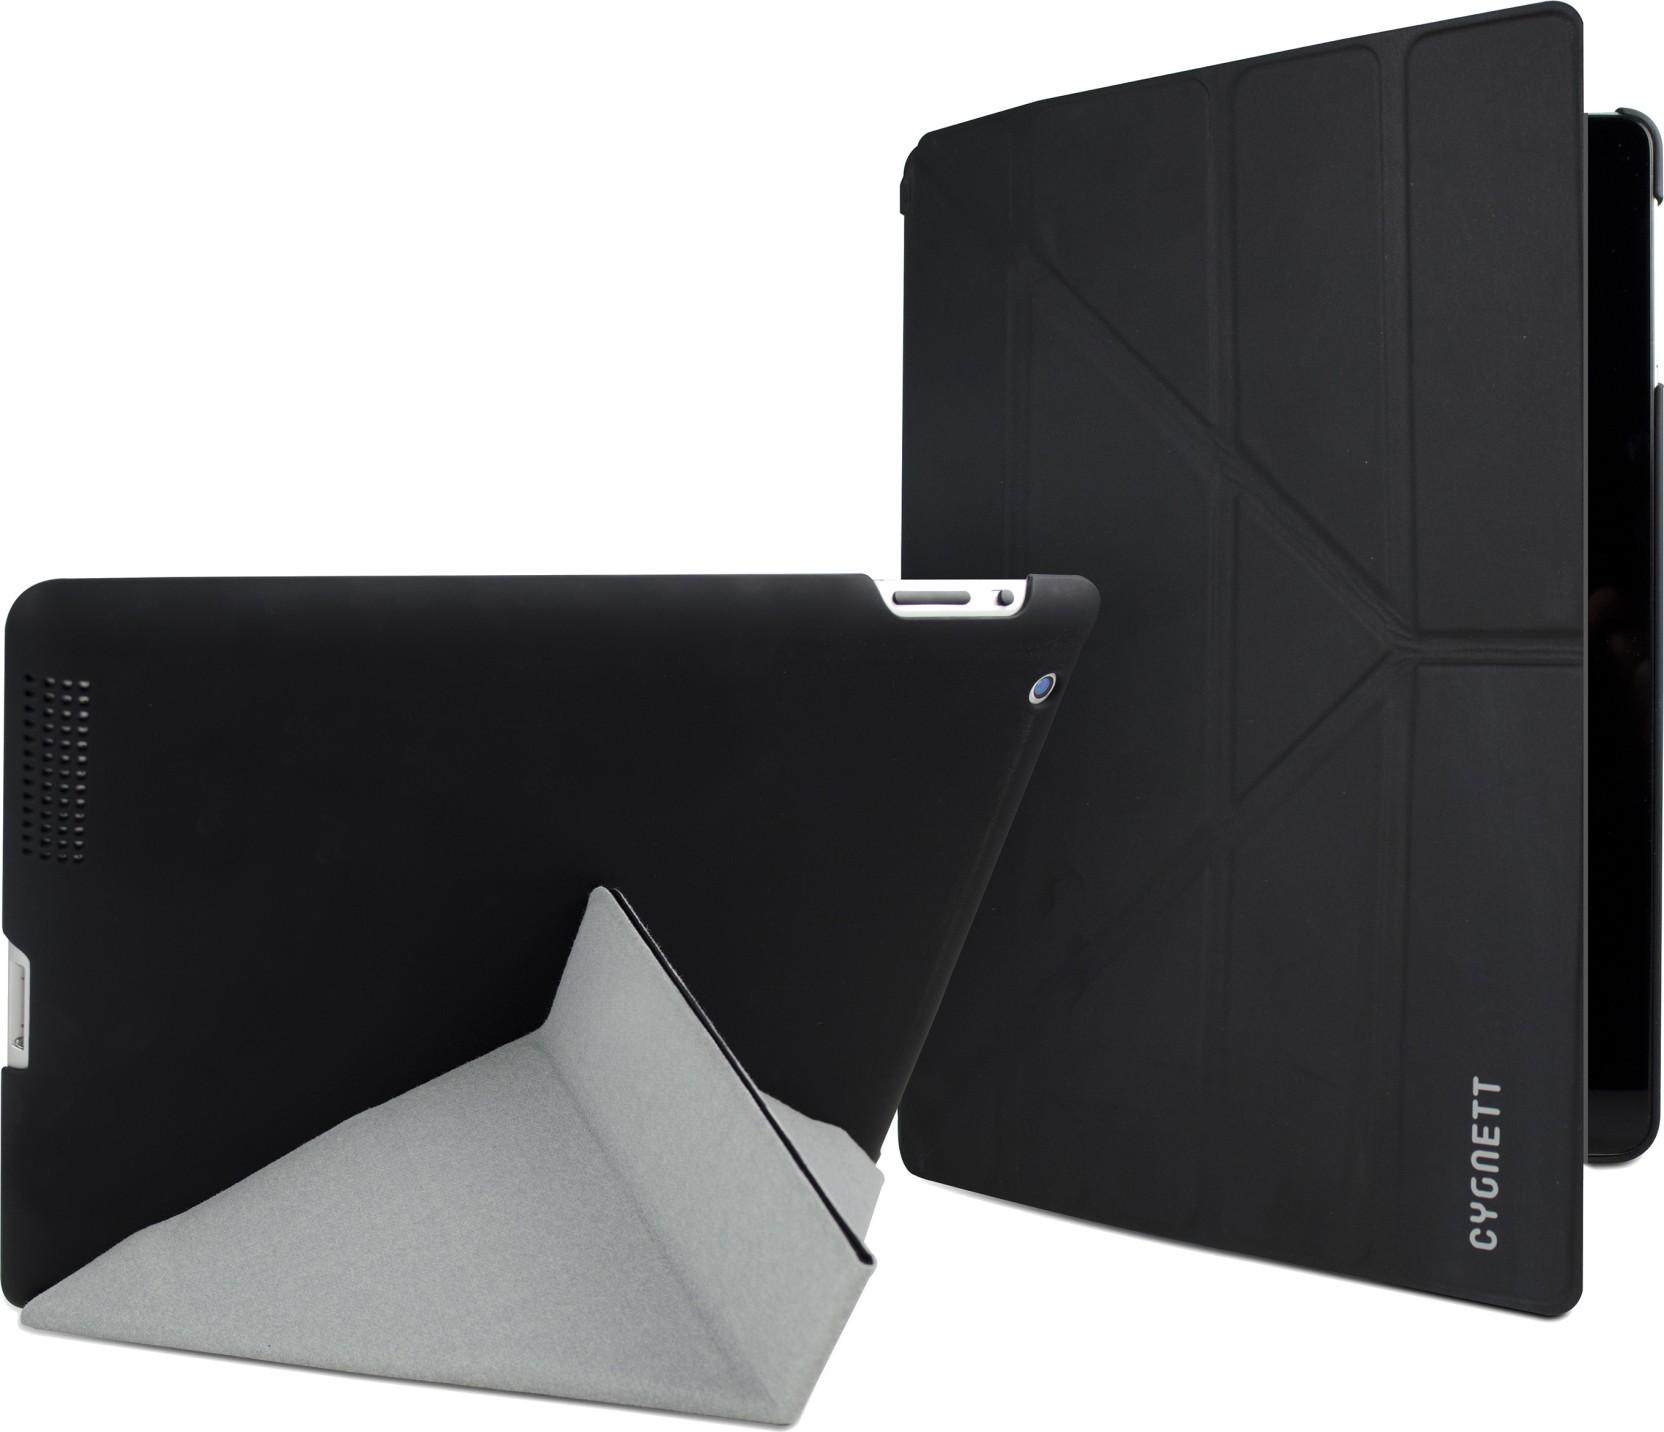 Book Cover Black Flipkart : Cygnett book cover for ipad flipkart